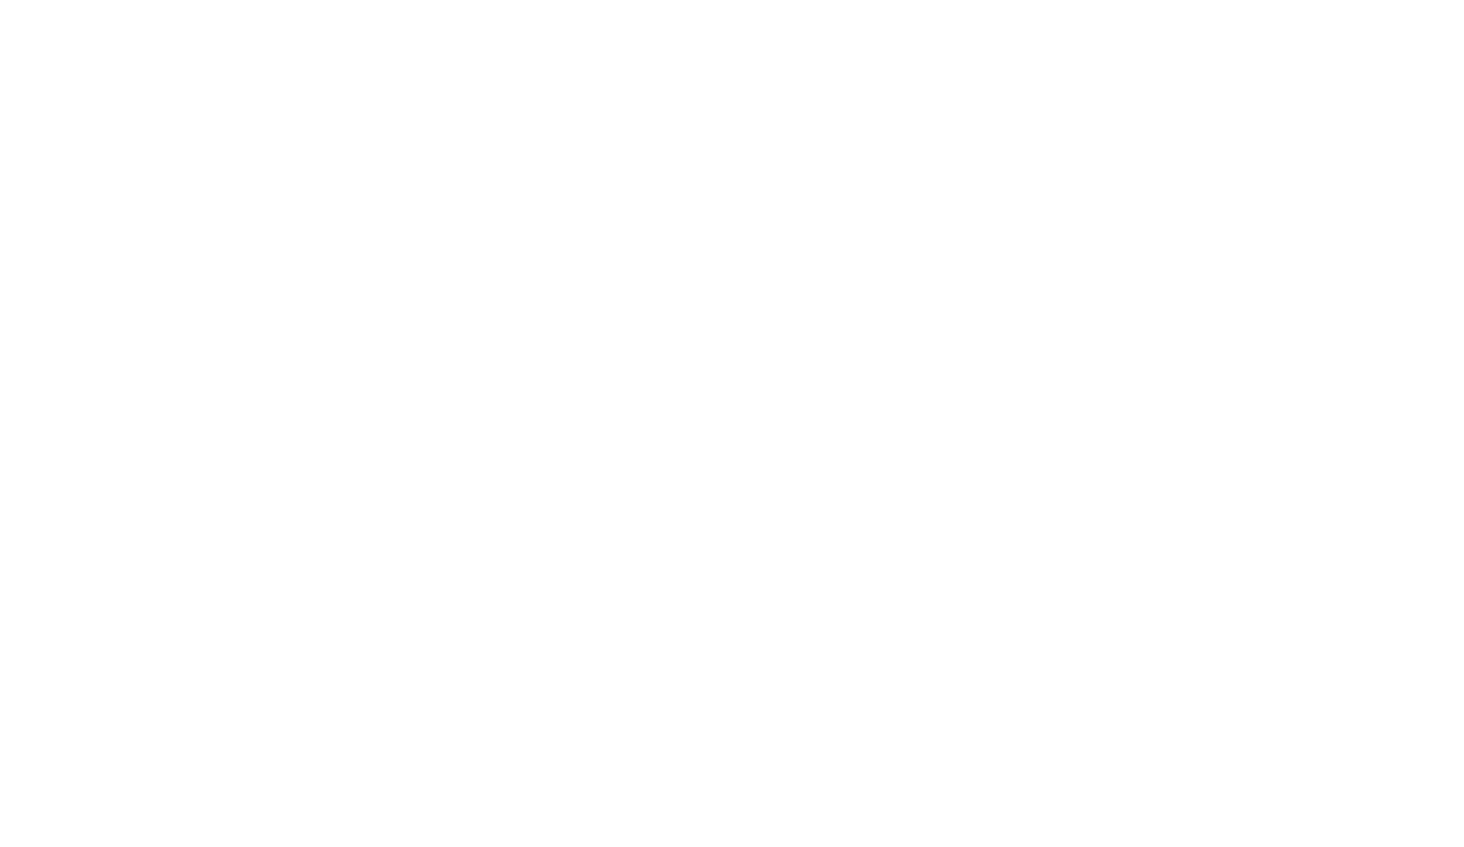 Logga: Mustaschkampen 2019